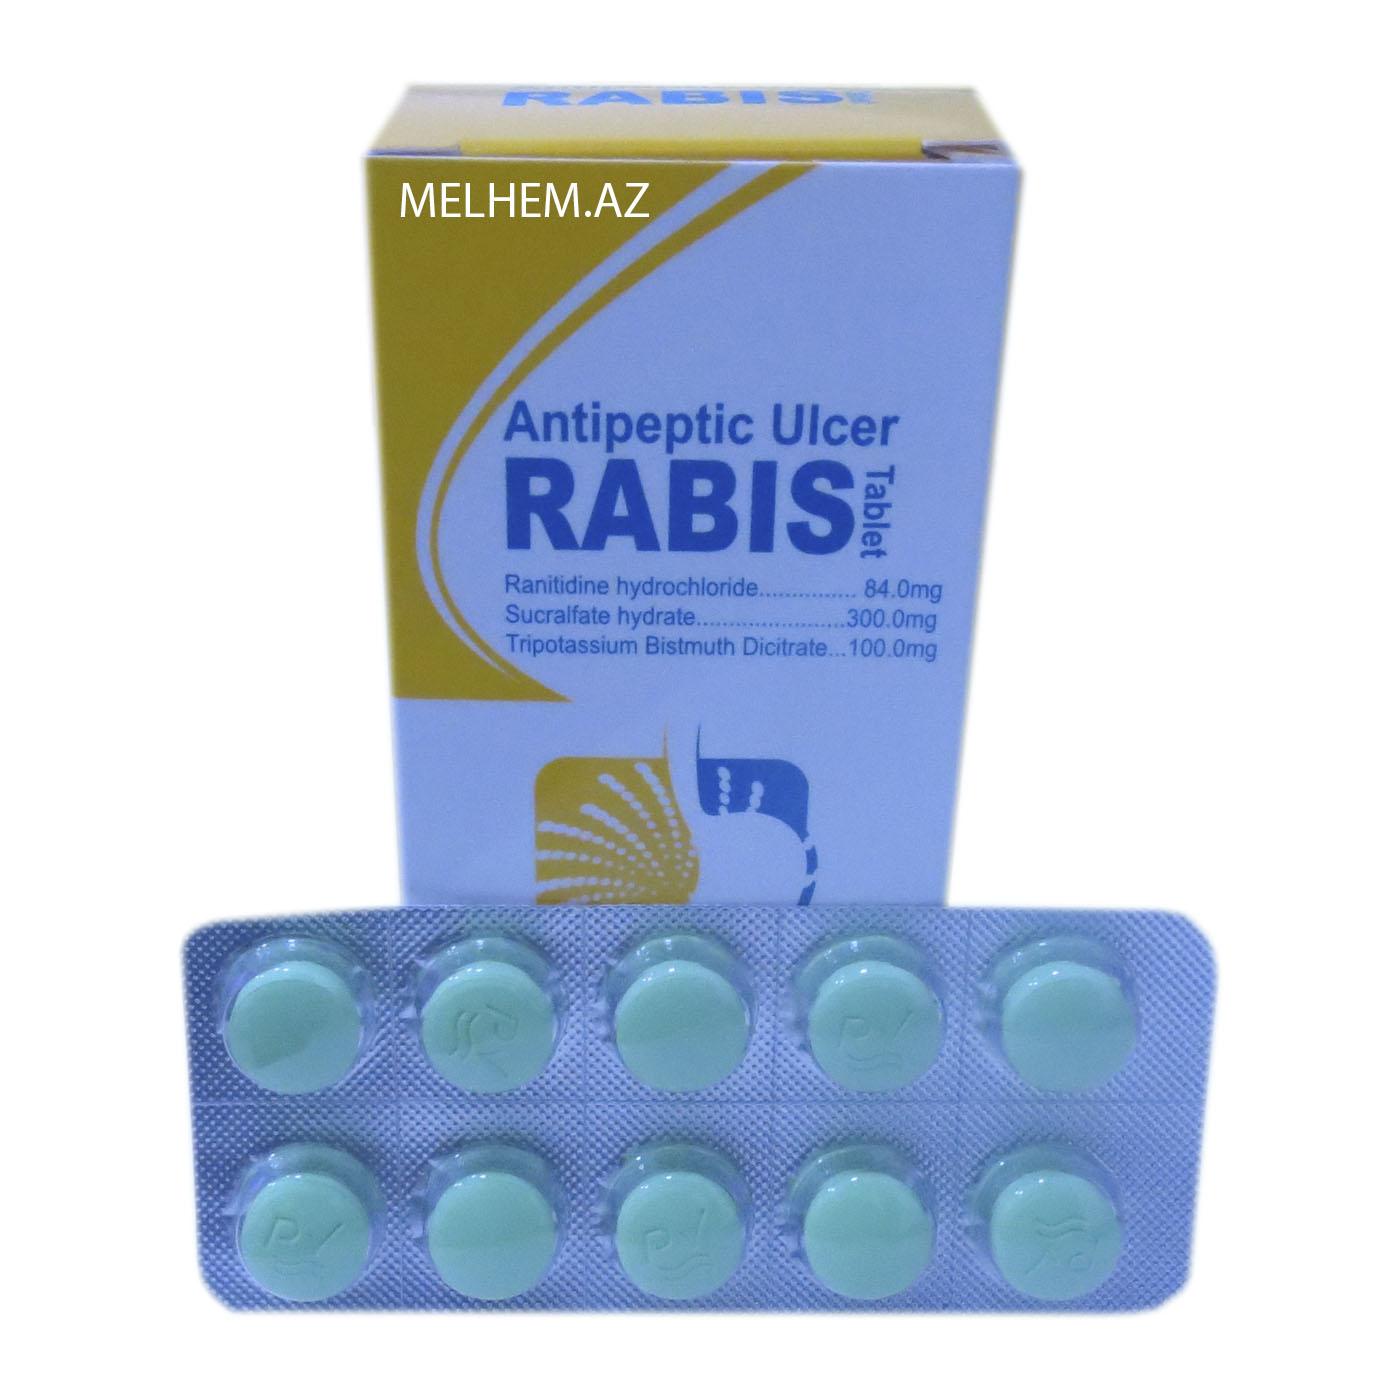 RABIS